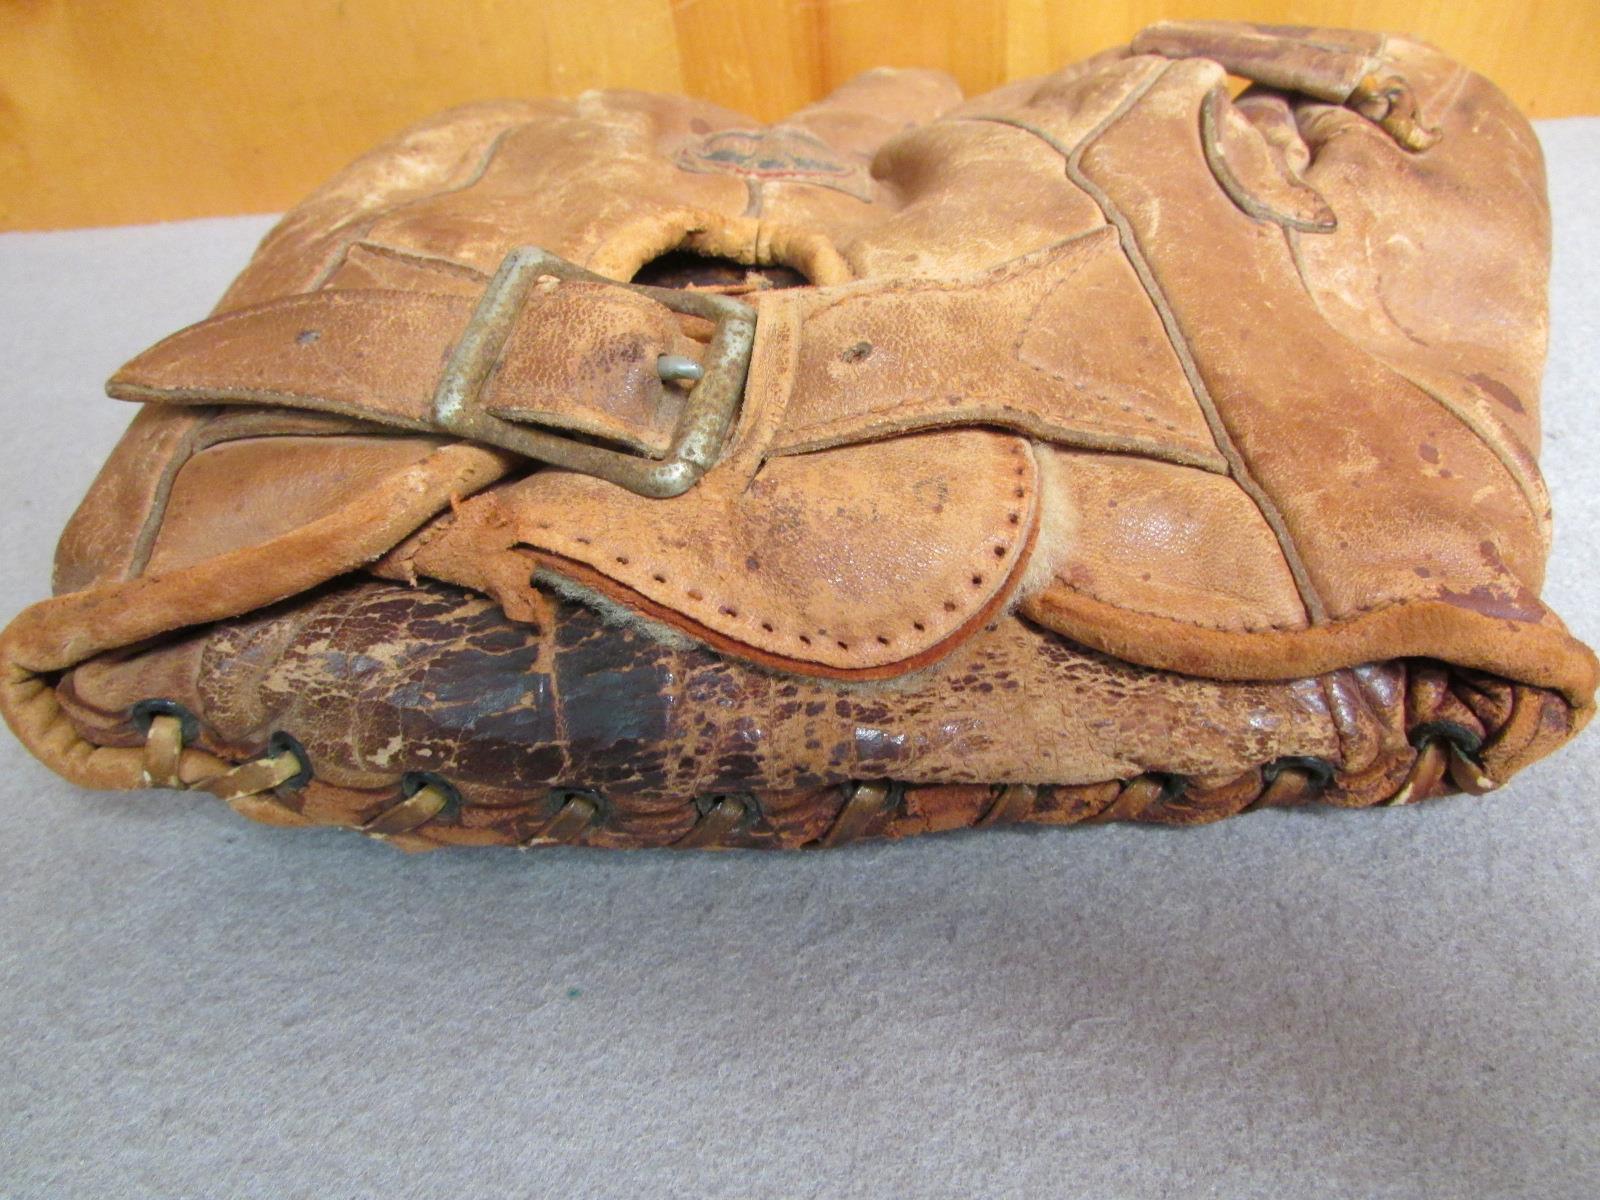 Vintage 1930s American Eagle Leder Baseball Handschuh Schnalle Schnalle Schnalle Rücken Modell 50 dbcdb6